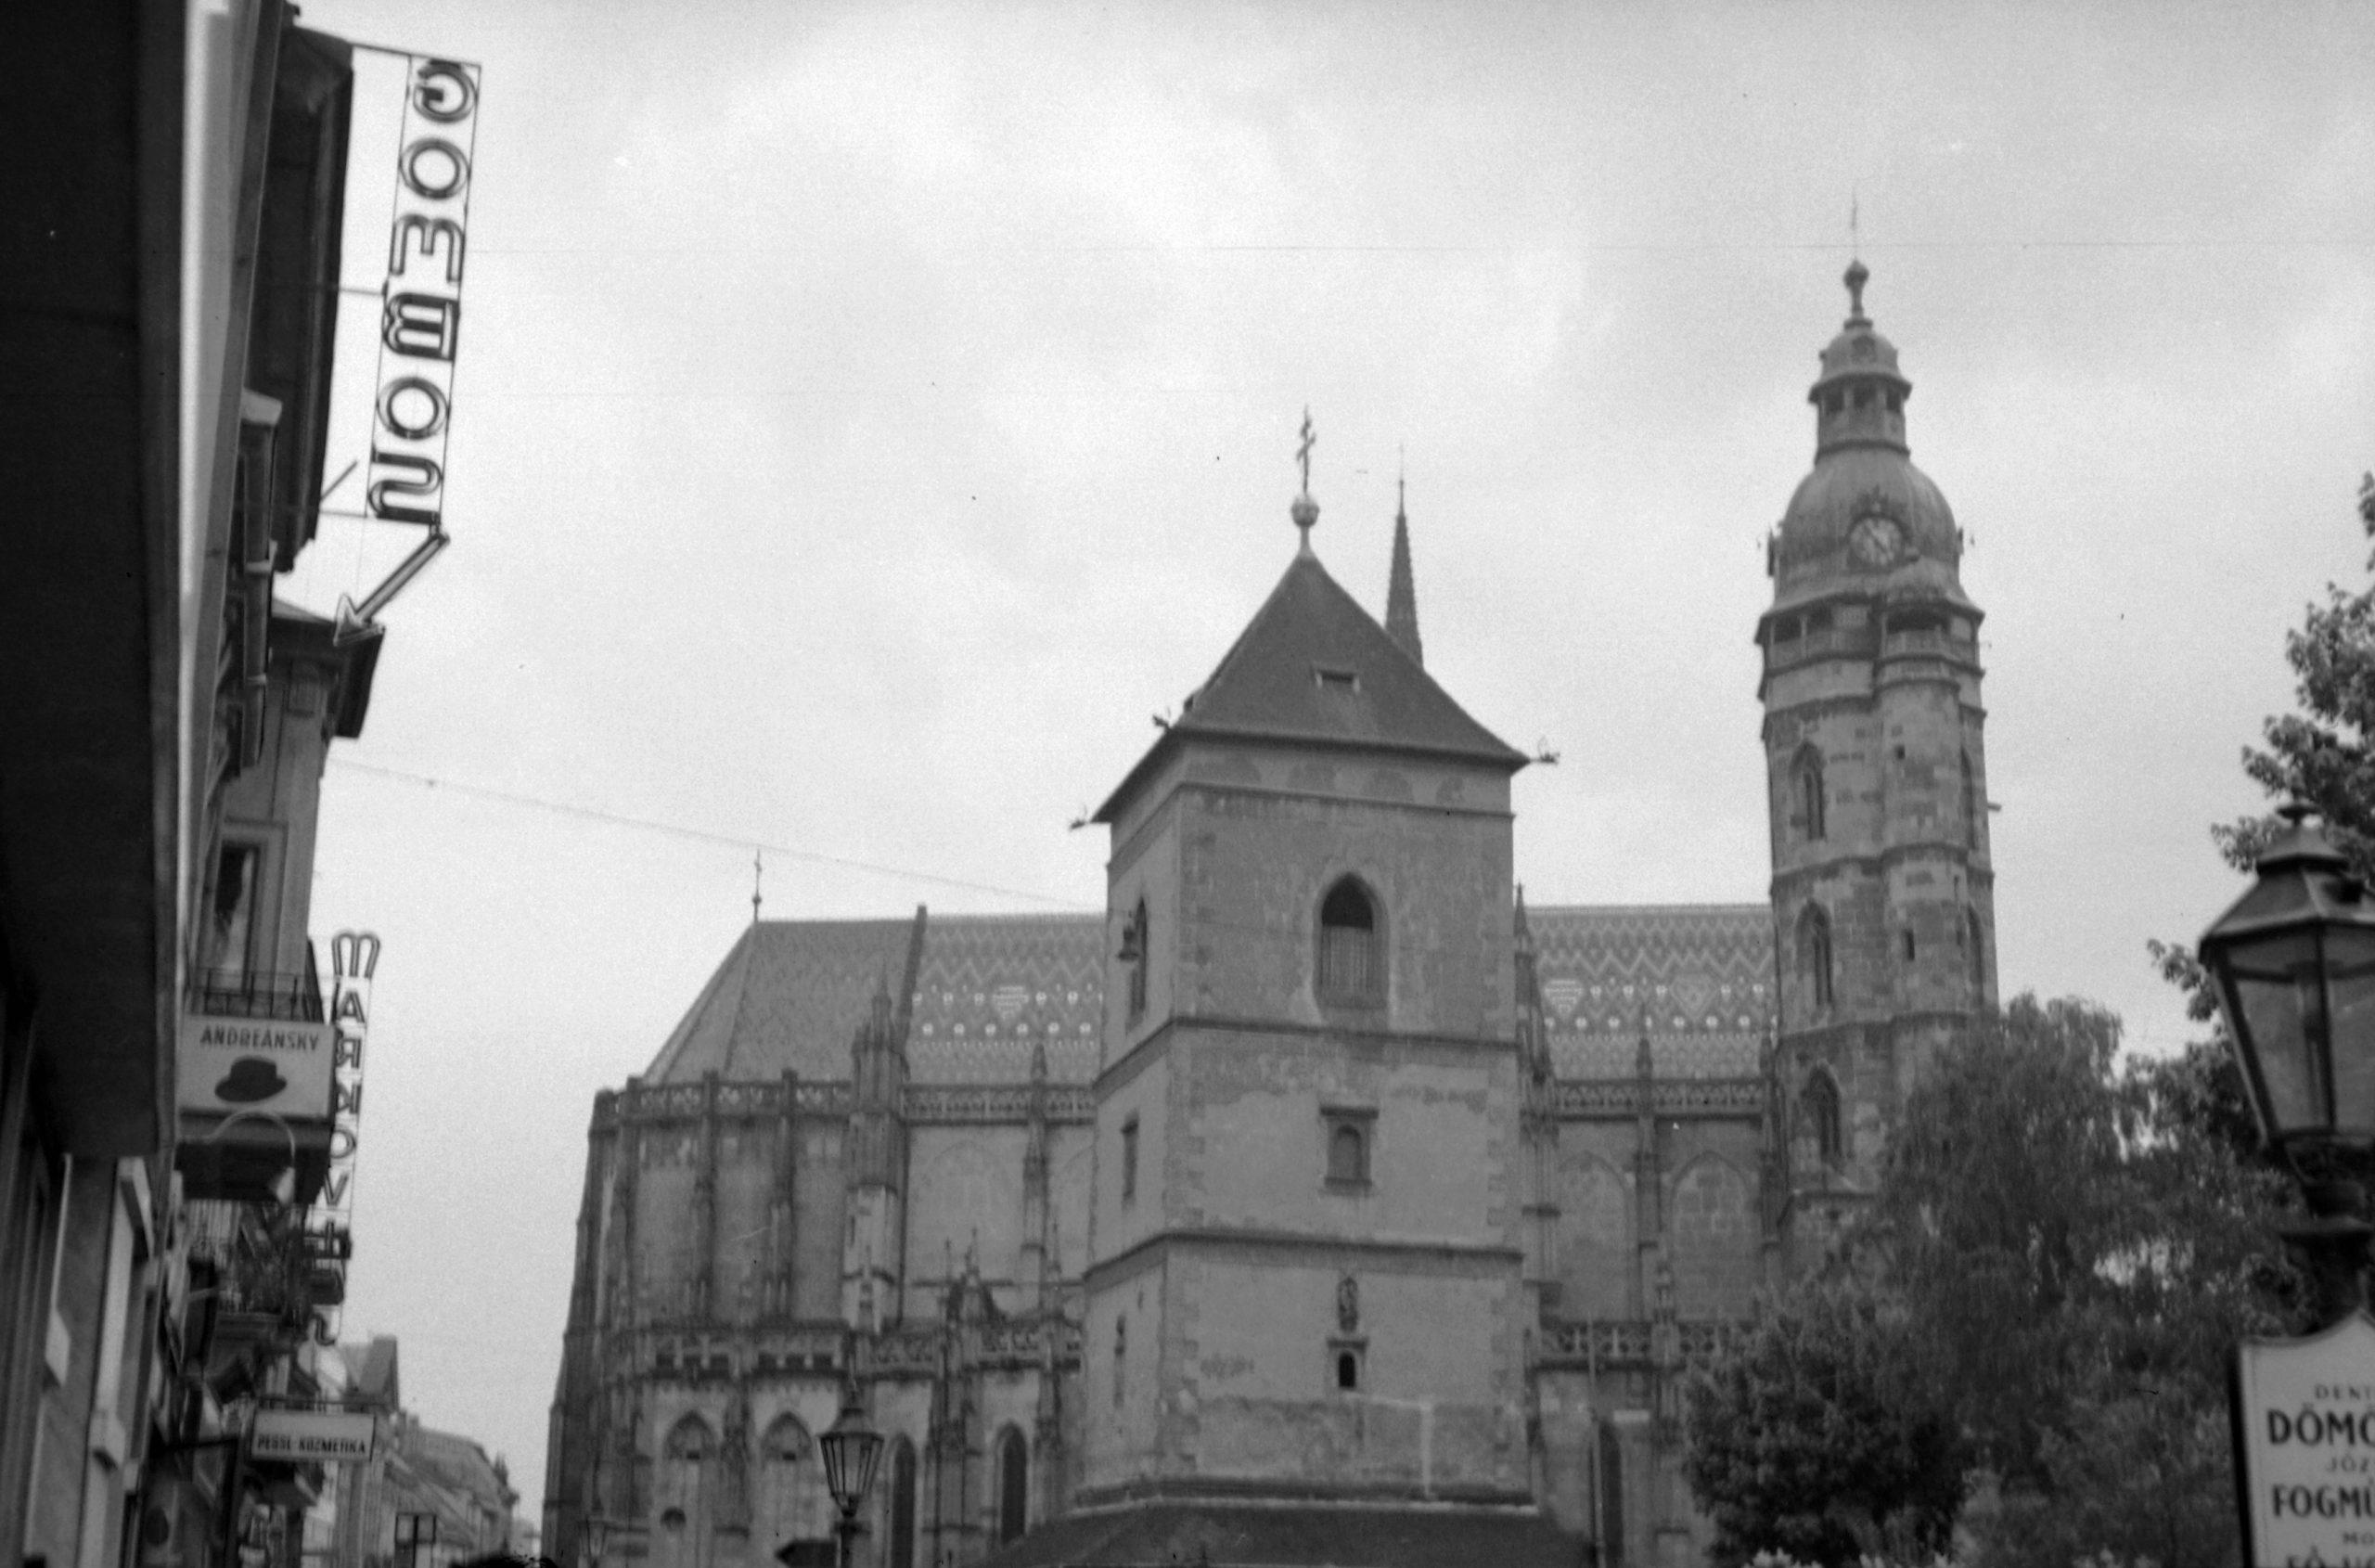 Jelentés a felvidéki magyarság hangulatáról 1935-ben